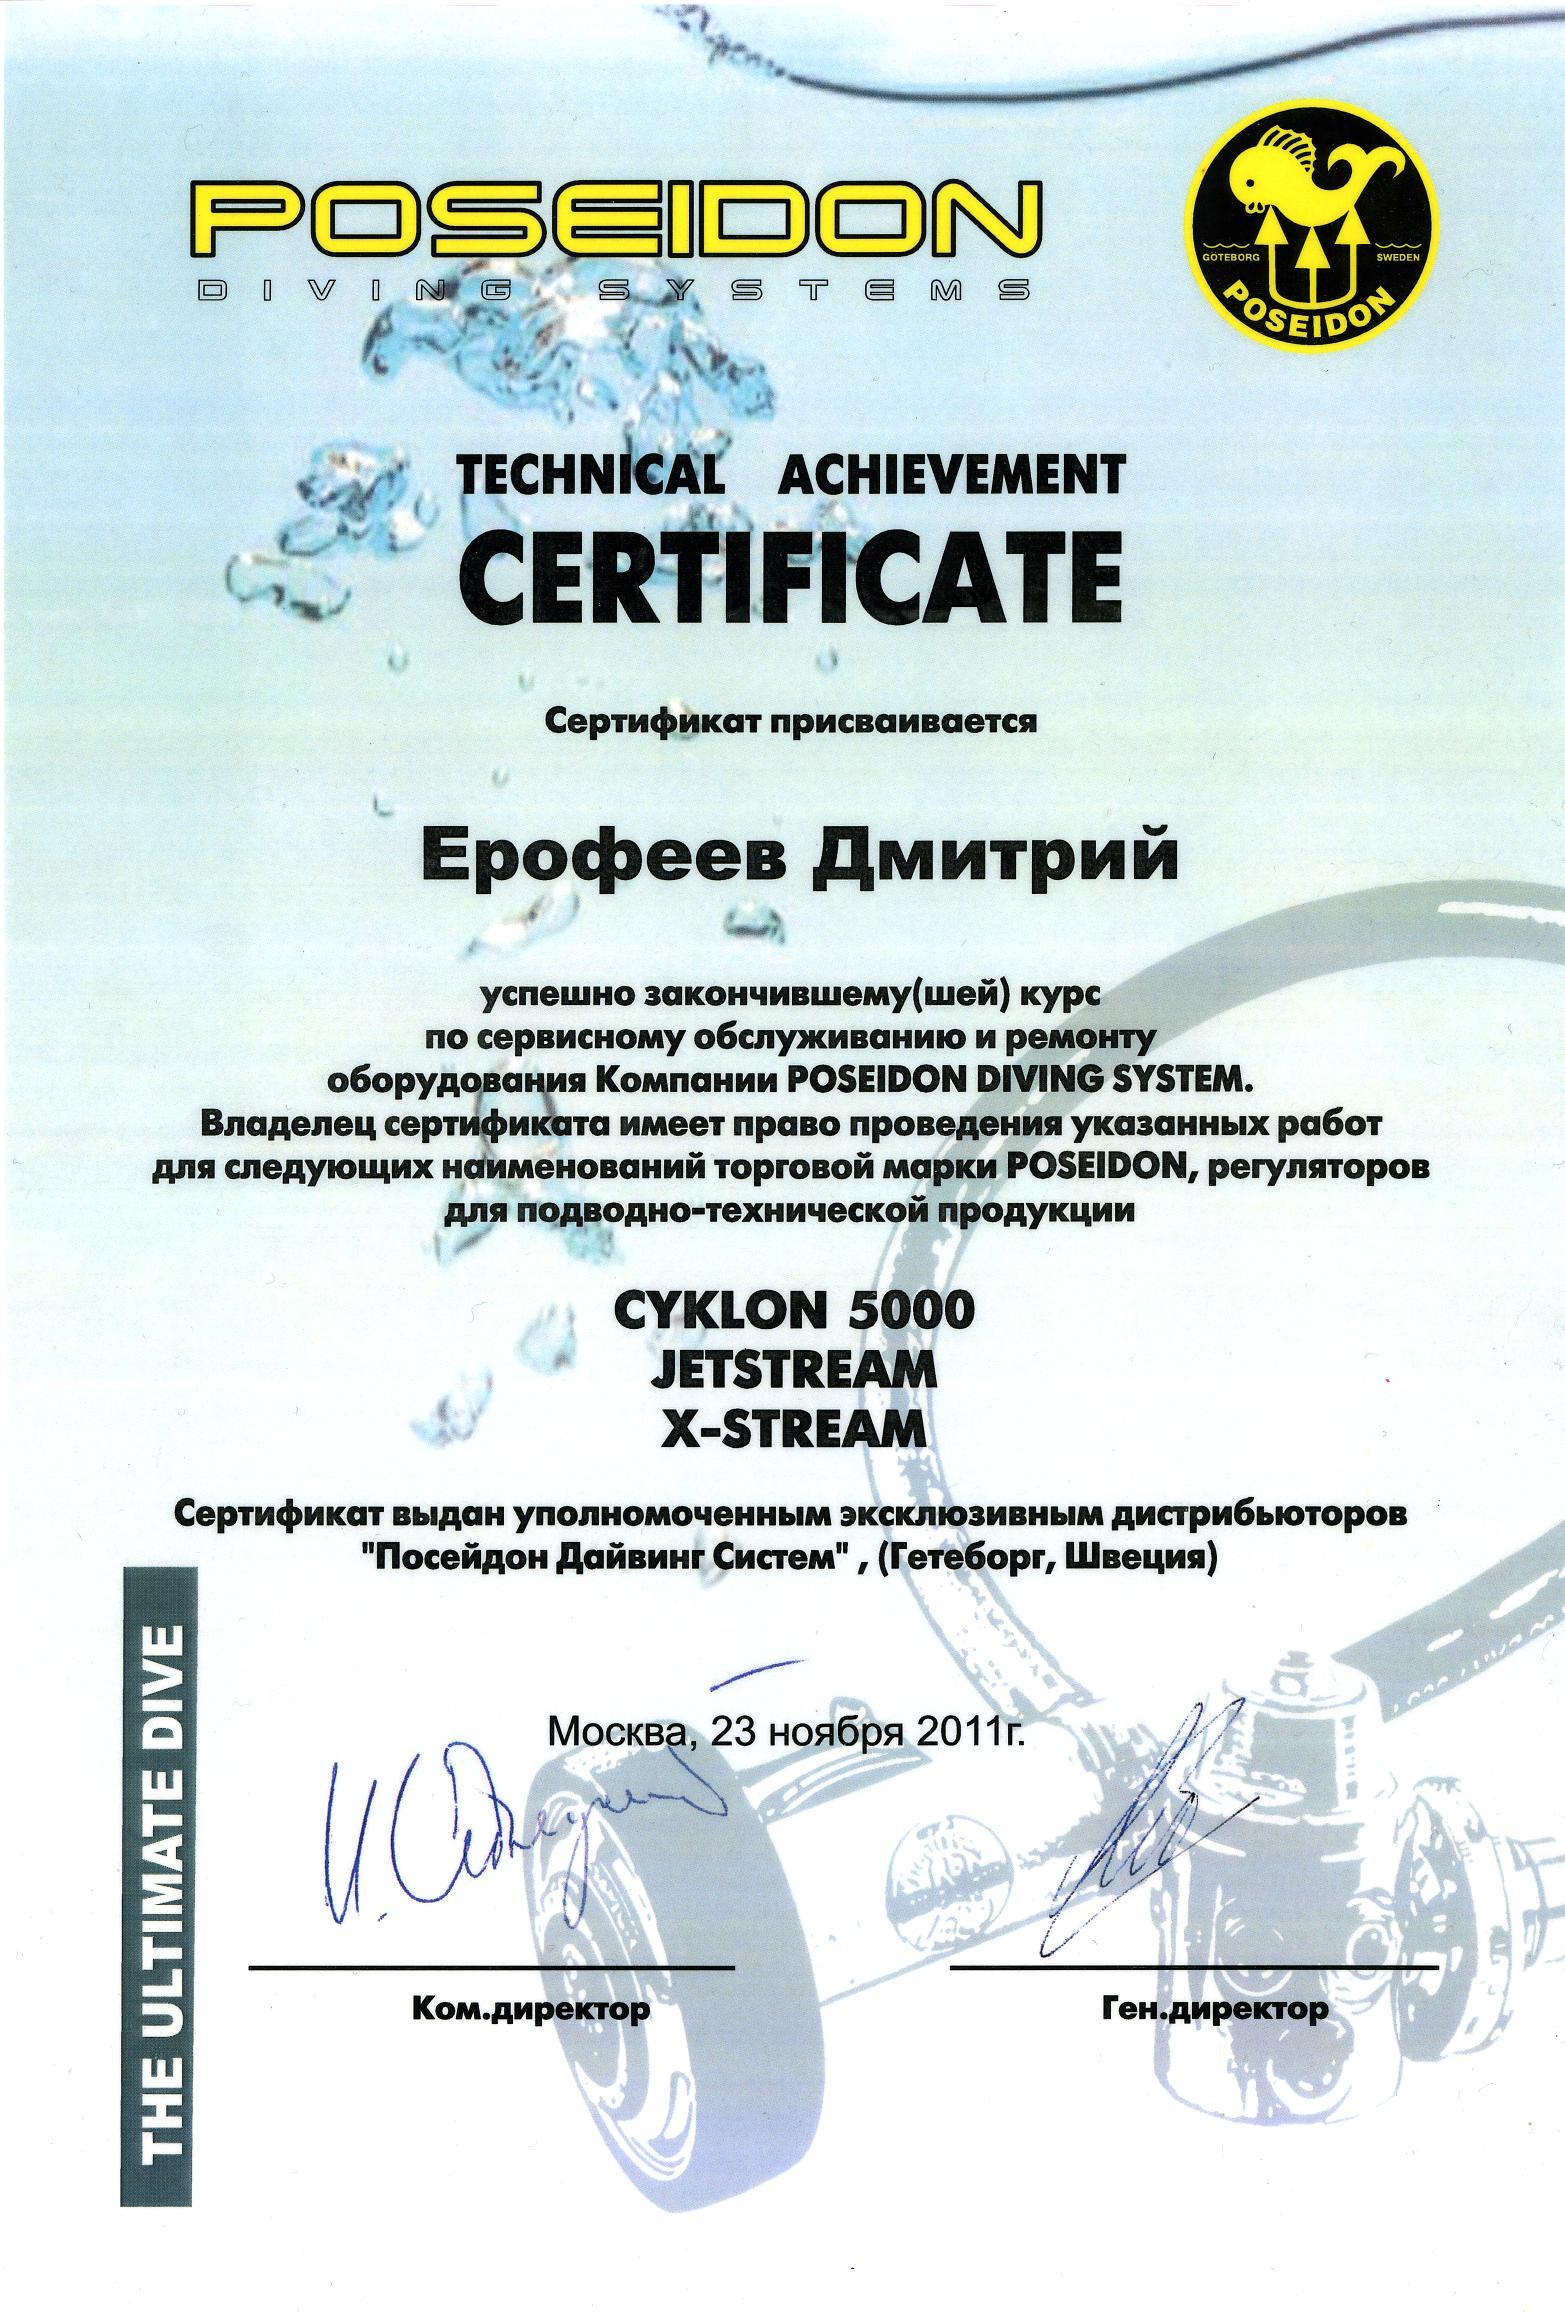 Сертификат Poseidon